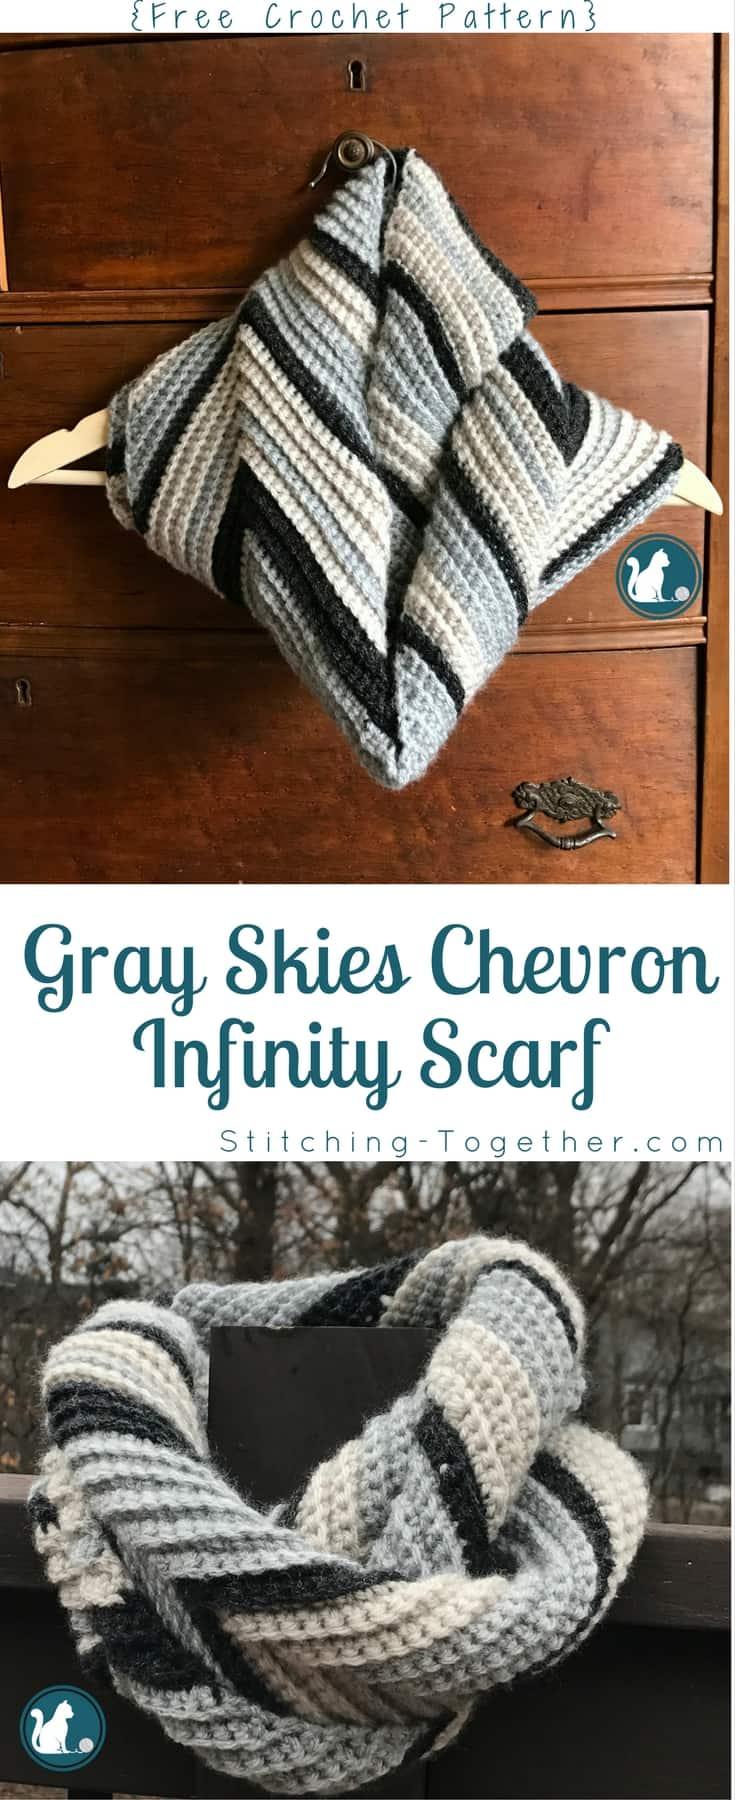 Free Crochet Pattern Infinity Scarf